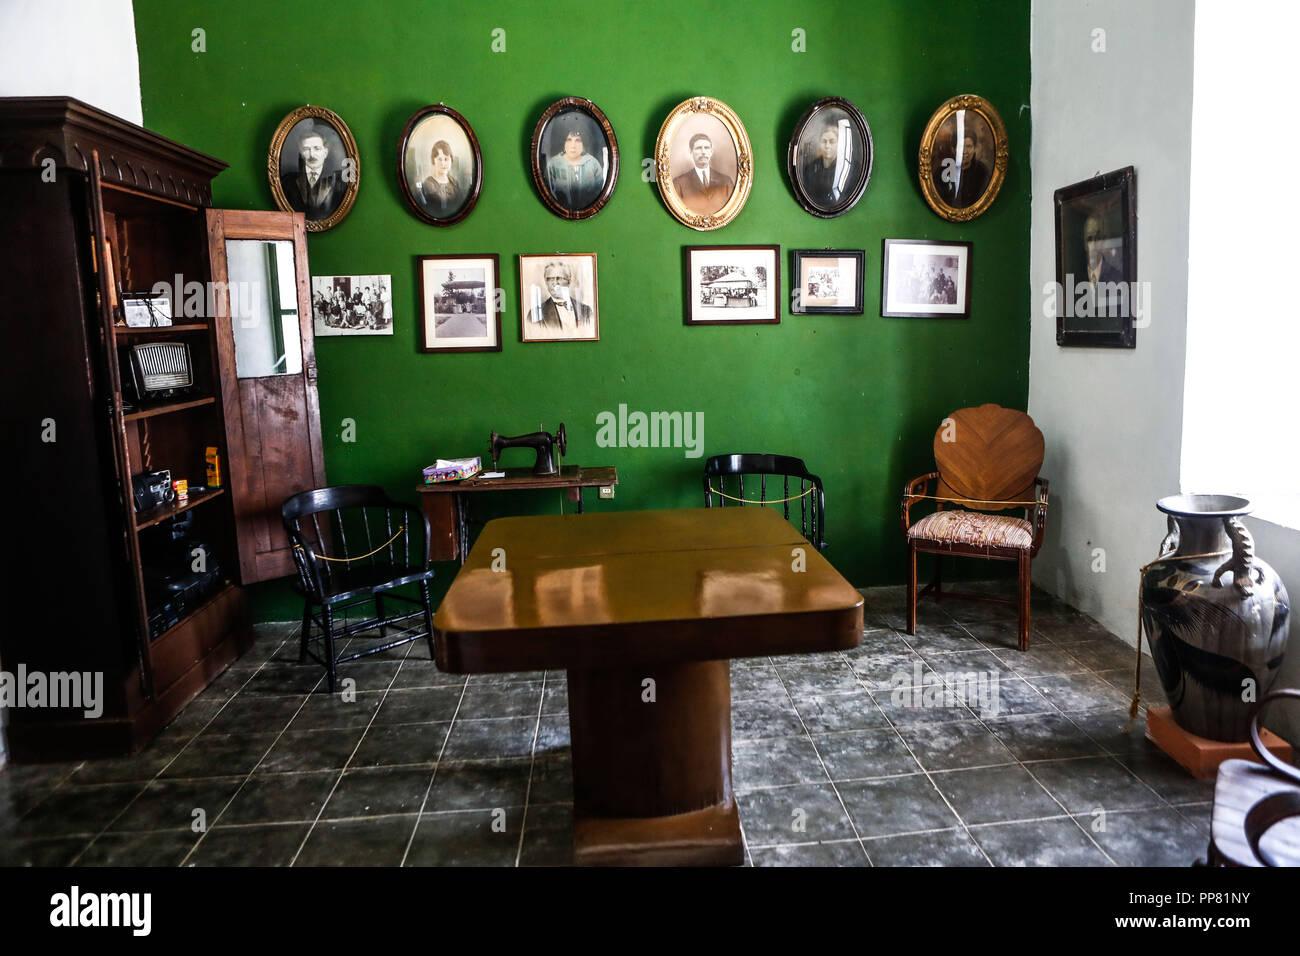 Las imágenes en la pared, la pared, la pared verde, imágenes, ondulado, máquina de cocción, fotografías antiguas,. Ures museo regional en el estado de Sonora, México. Museo Imagen De Stock